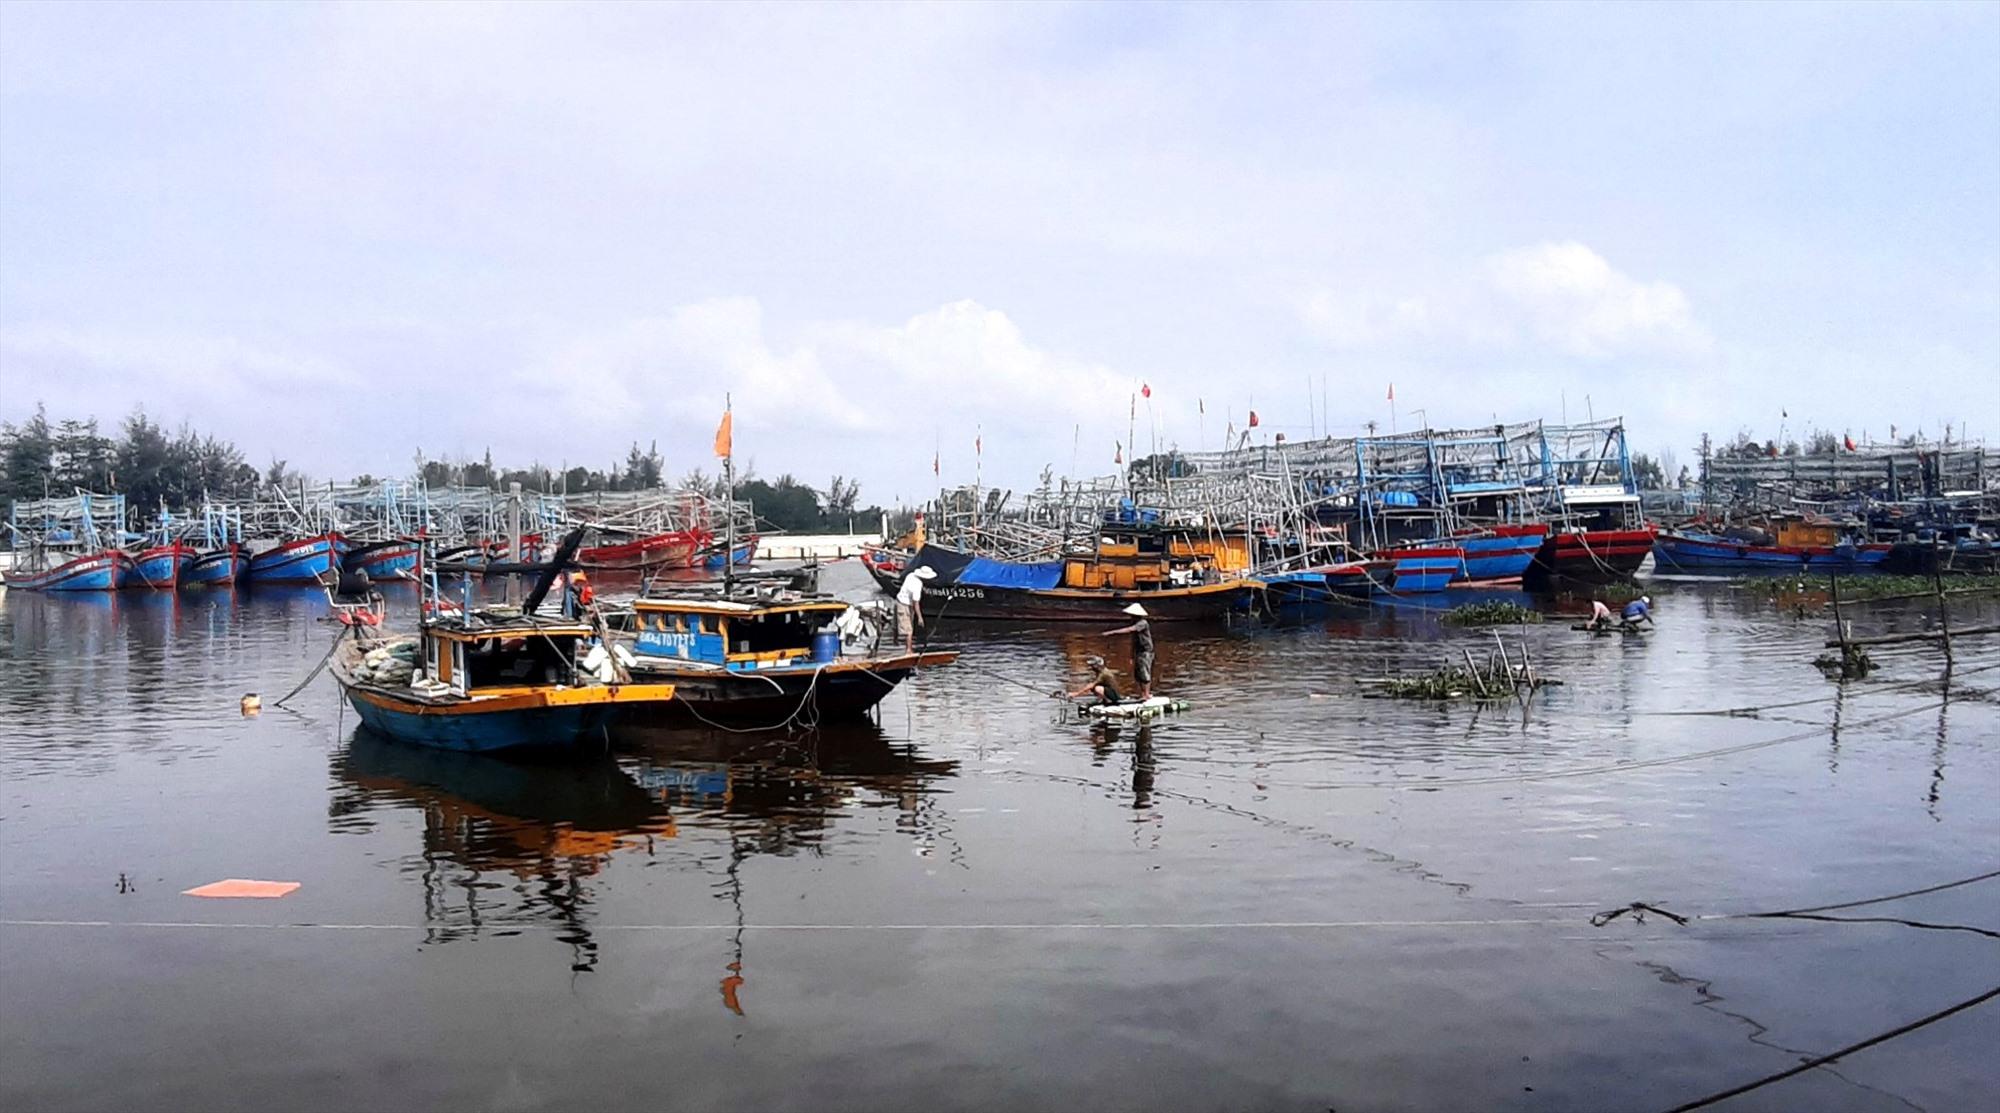 Âu thuyền Hồng Triều (Duy Nghĩa, Duy Xuyên) được đầu tư nâng cấp, tạo điều kiện thuận lợi cho tàu thuyền tránh trú bão. Ảnh: N.T